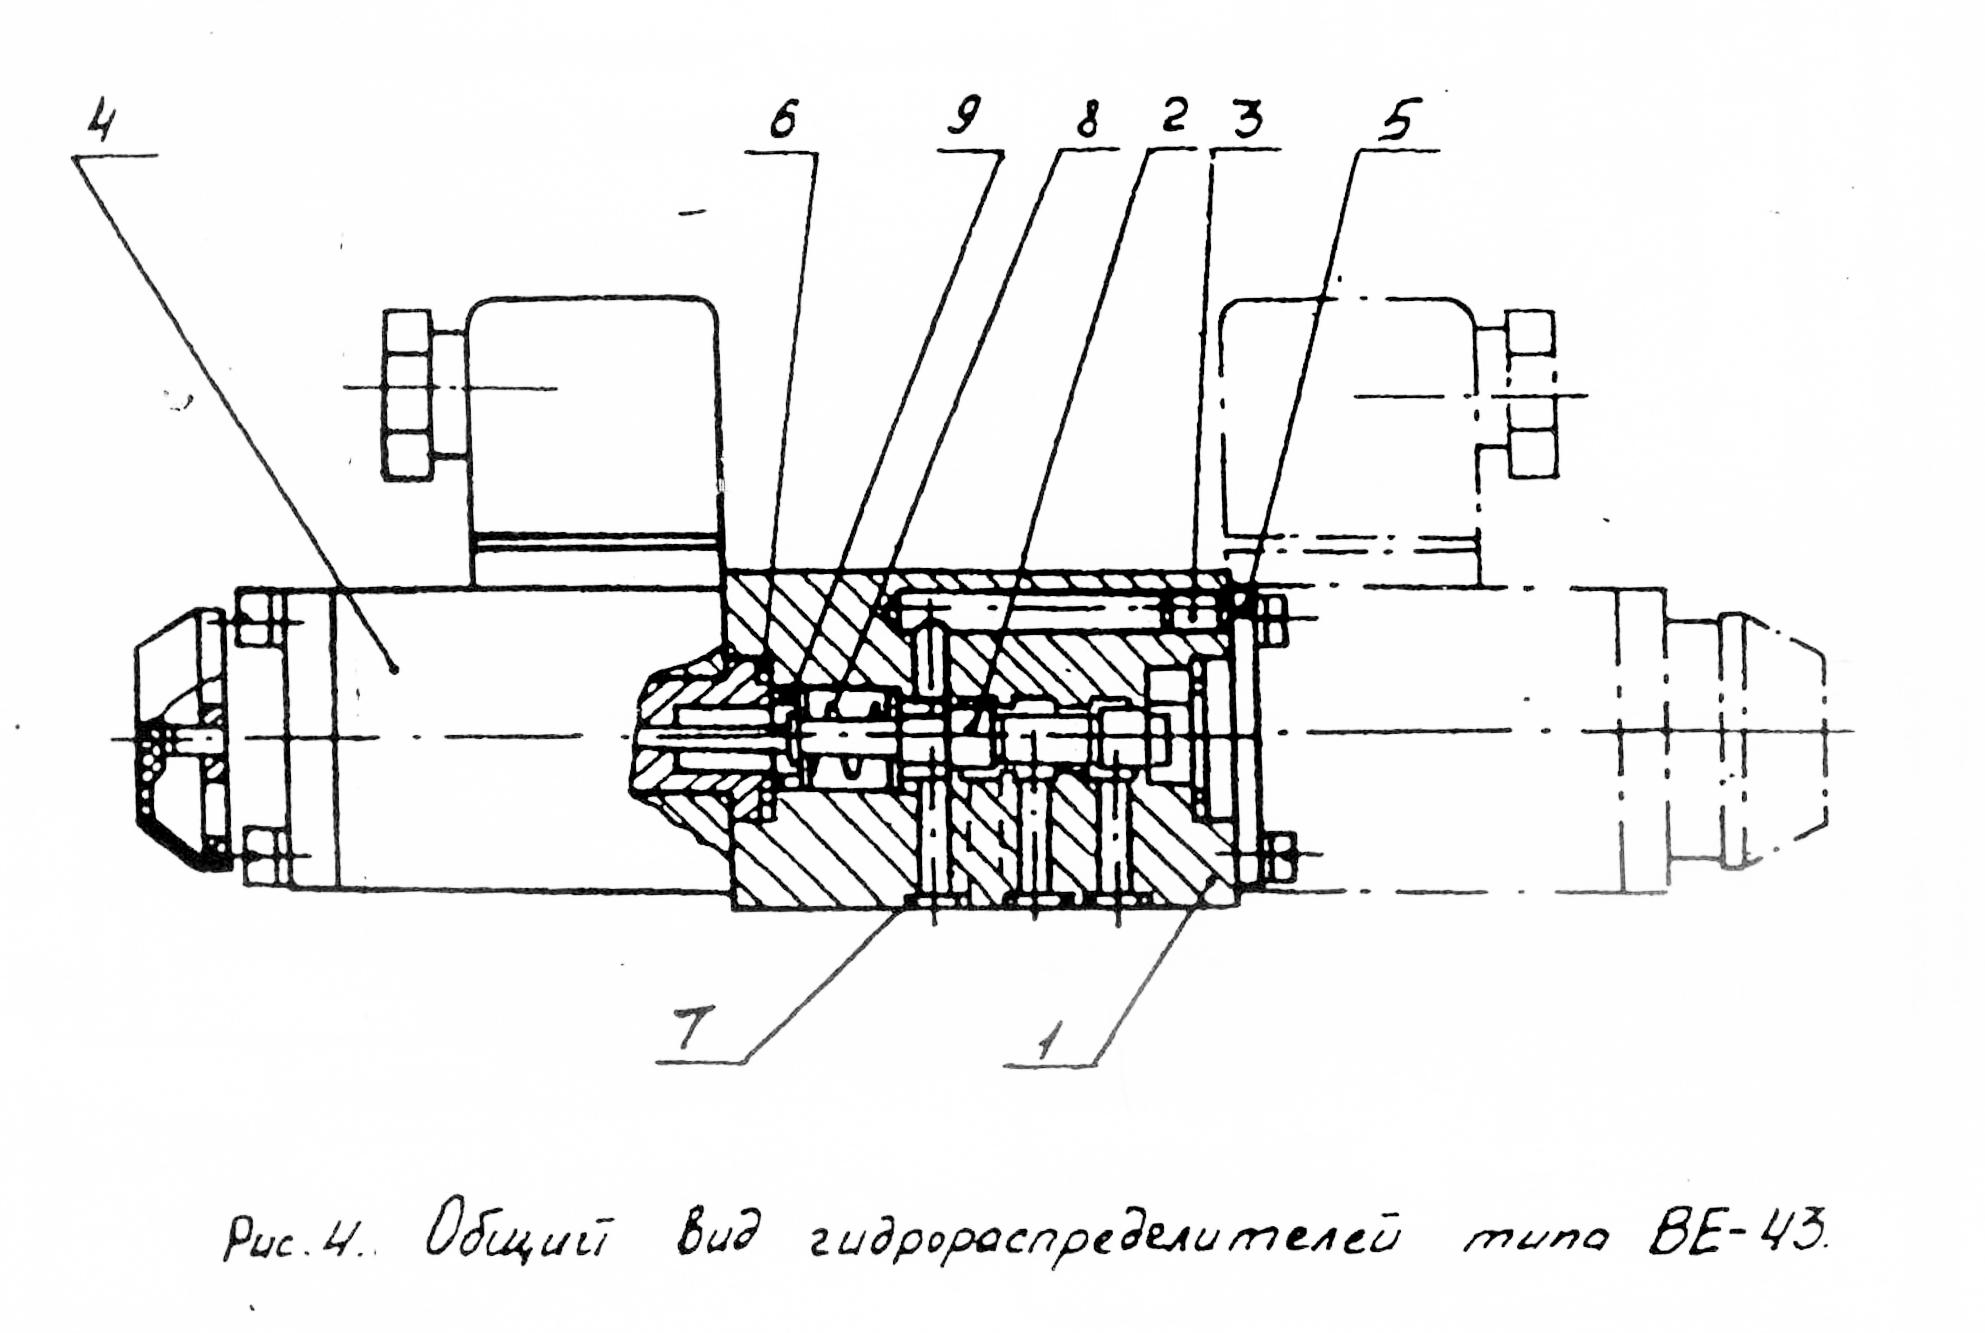 Общий вид гидрораспределителей типа ВЕ43-574 ВЕ43-754 ВЕ43-24 ВЕ43-573